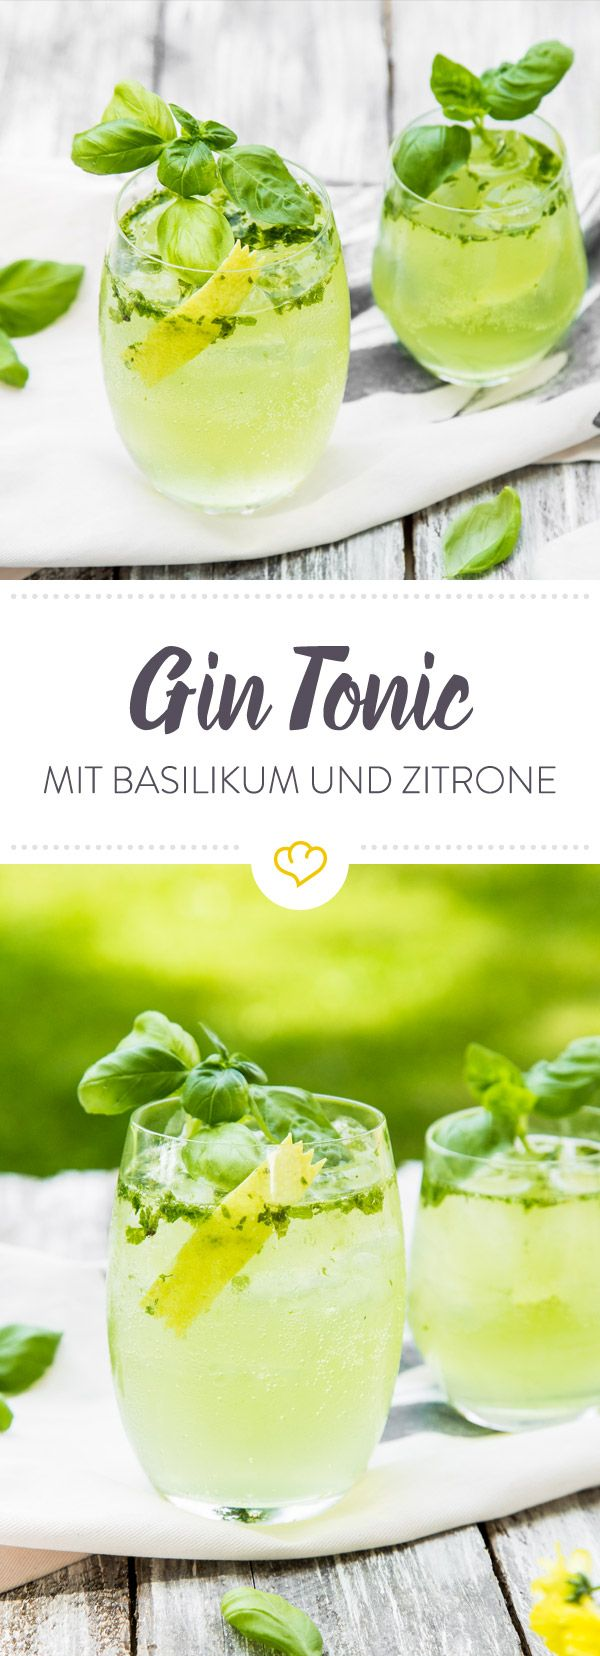 Du liebst Gin Tonic aber willst Abwechslung im Glas? Na dann mixe dir einen sommerlichen Gin Tonic Aperitif mit Lillet Blanc und frischem Basilikum.